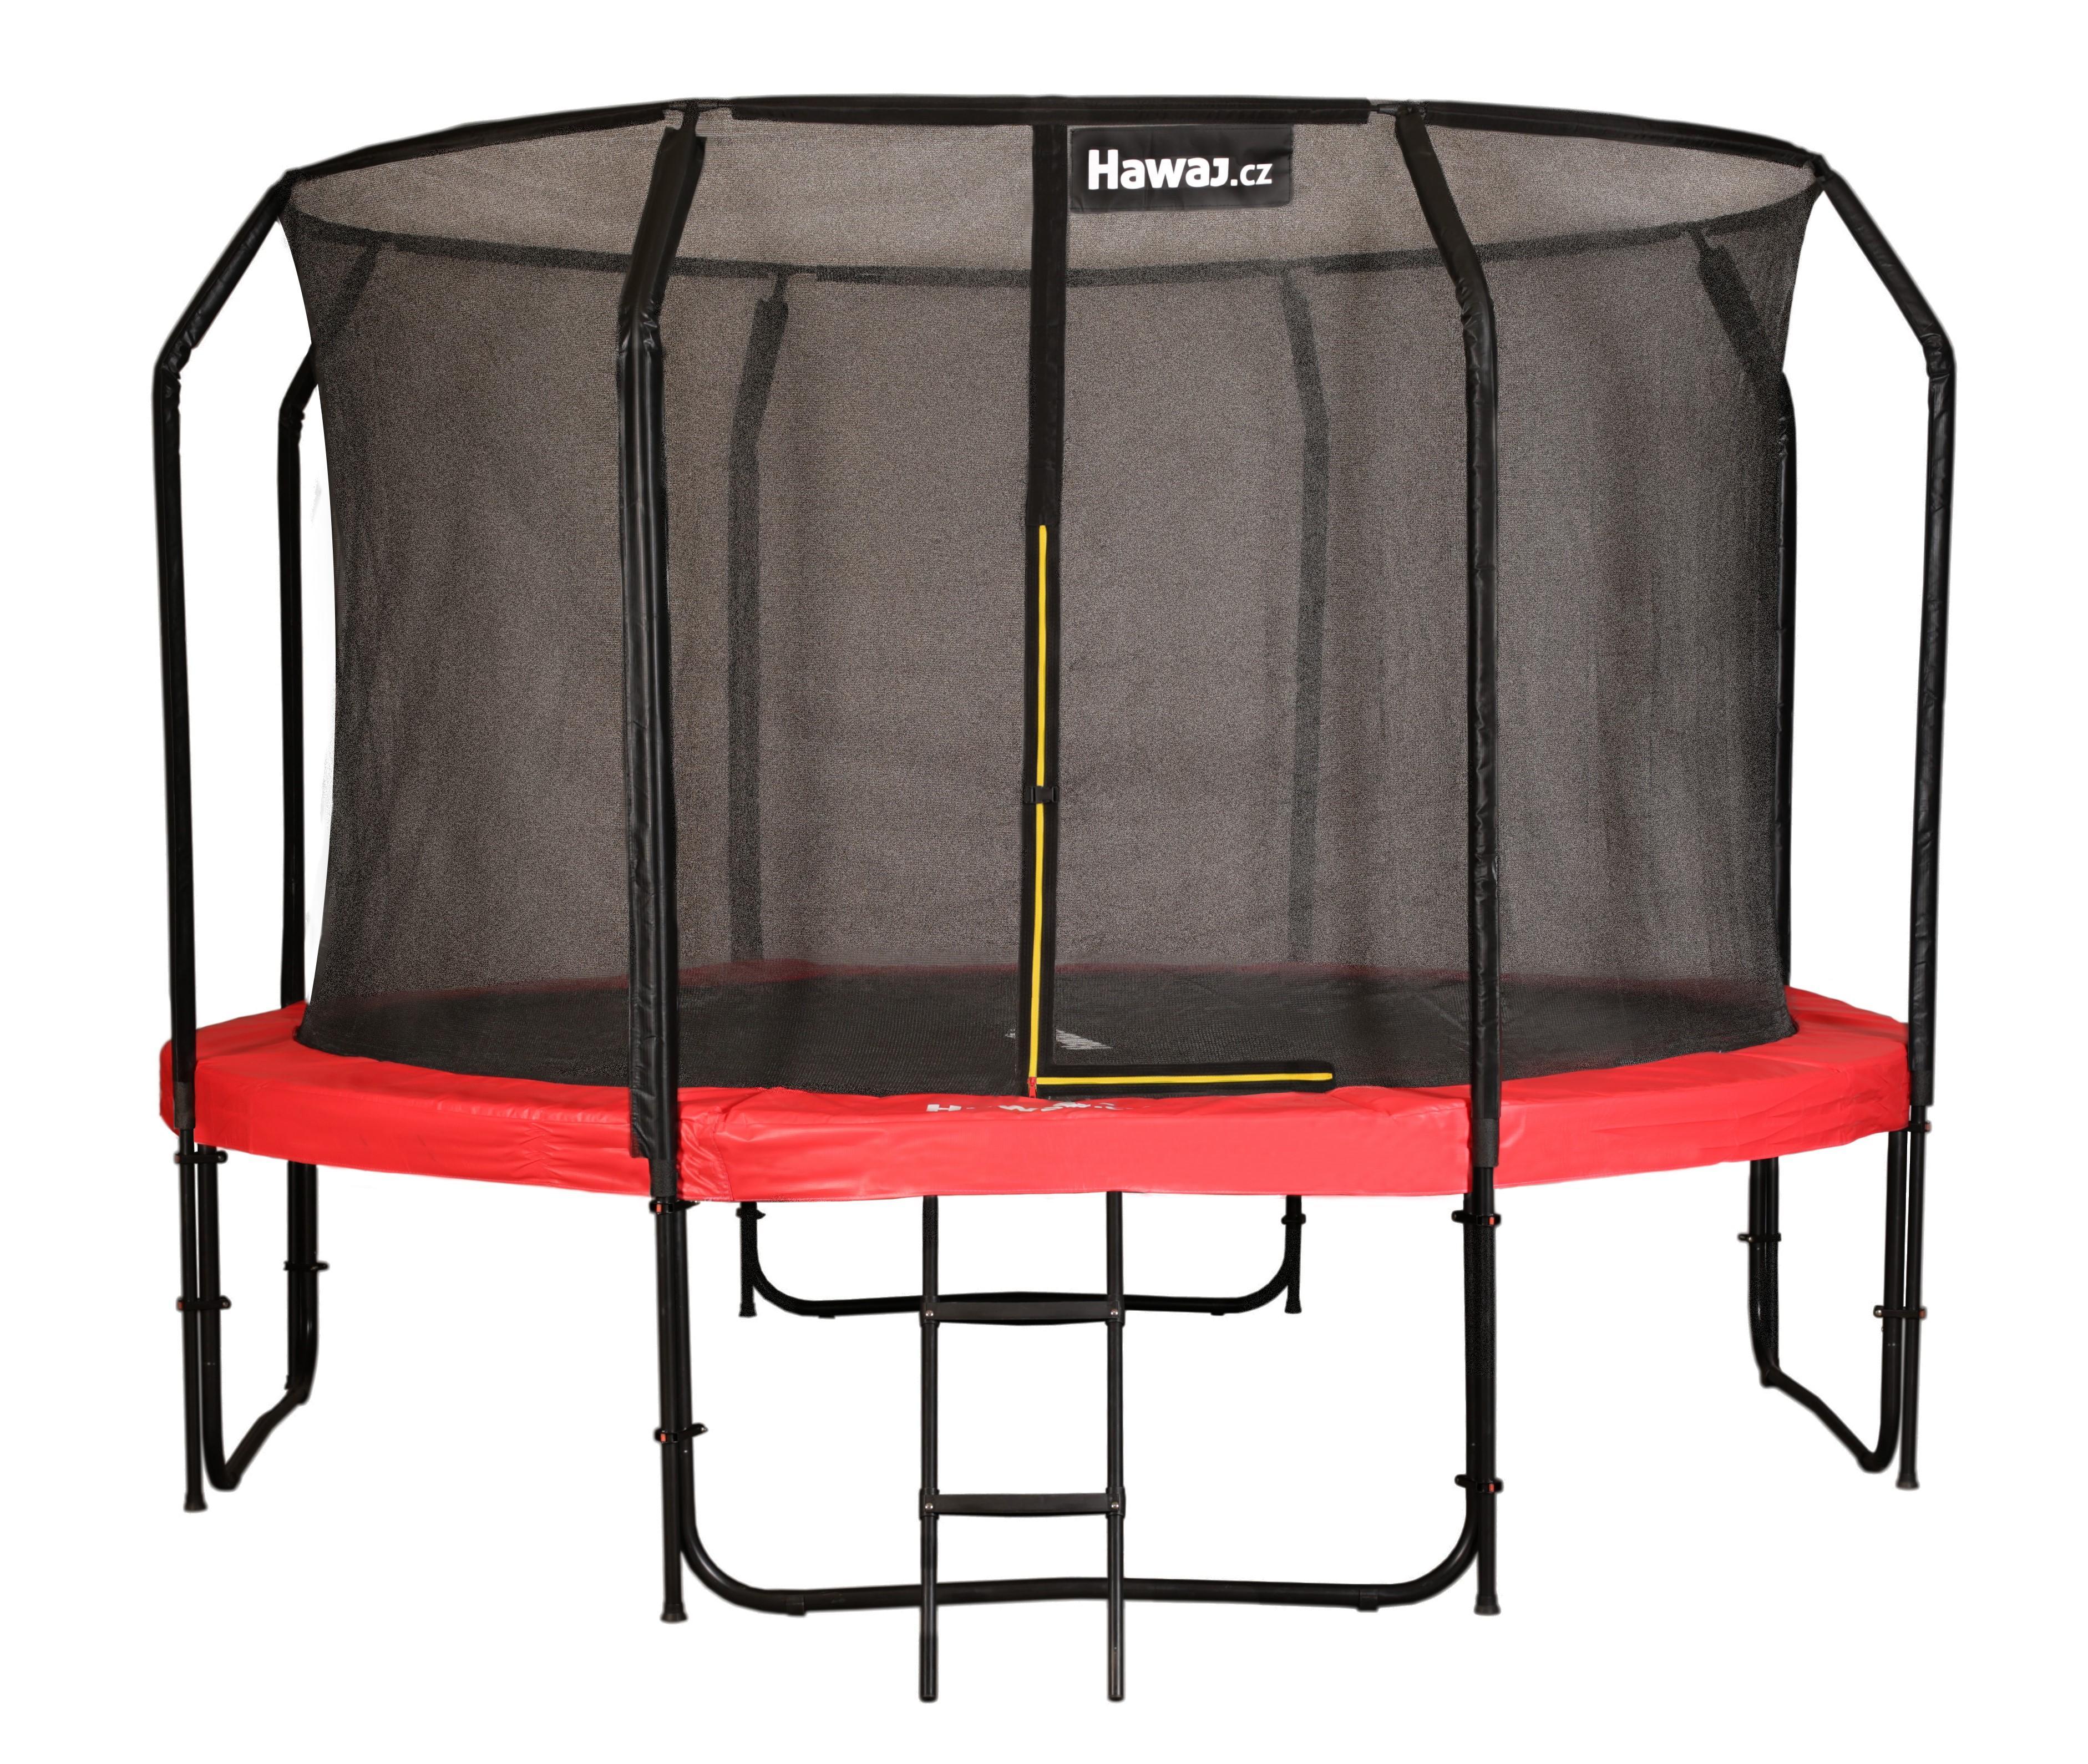 Levně Trampolína Hawaj Premium 305 cm + vnitřní ochranná sít + schůdky